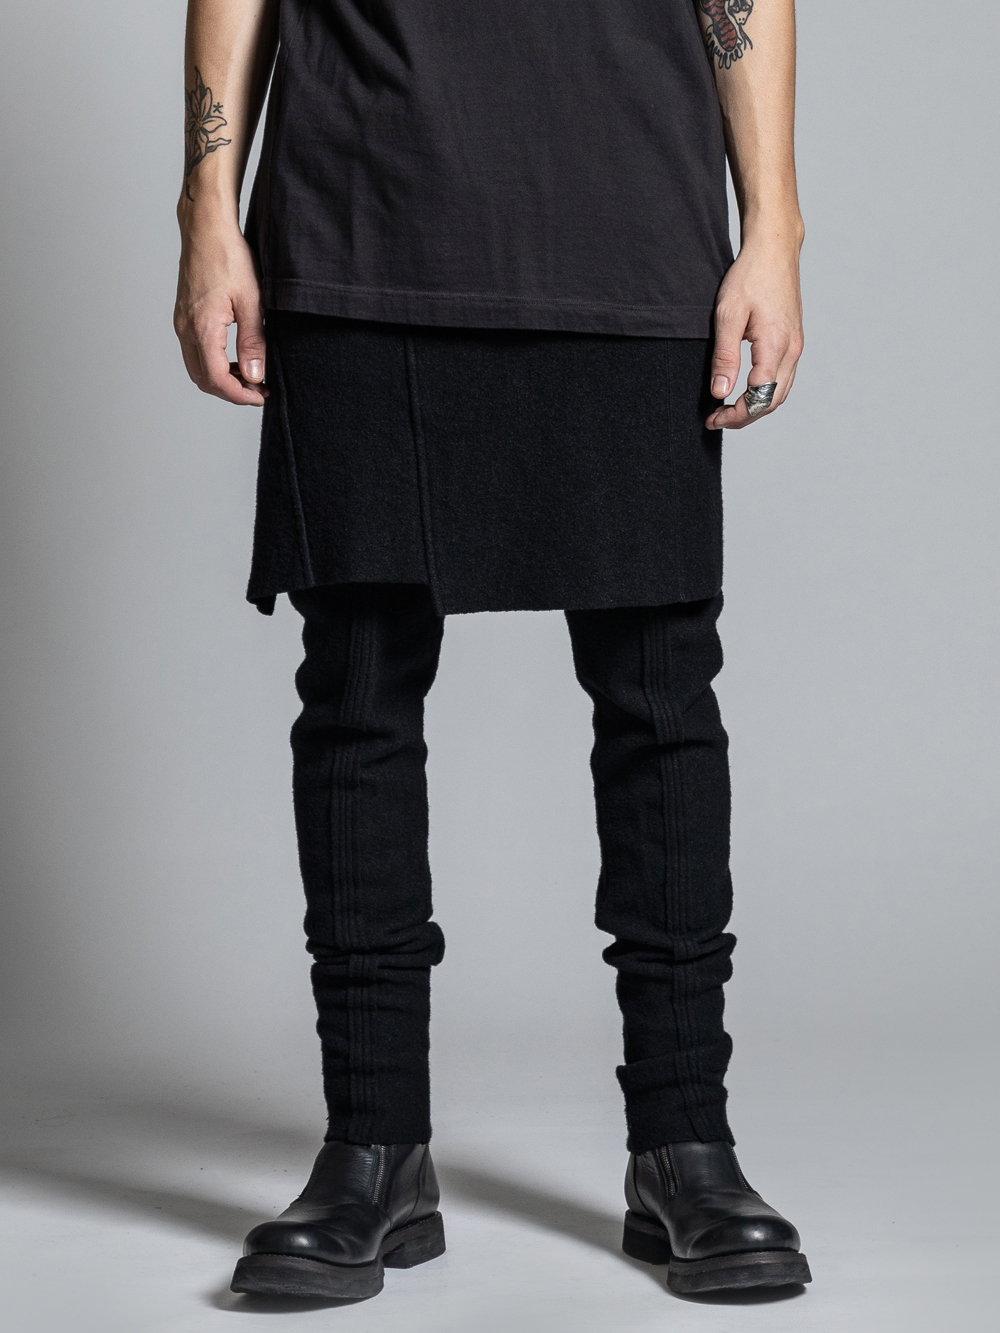 VI-2949-04 / 縮絨ウール スカート付きスリムパンツ